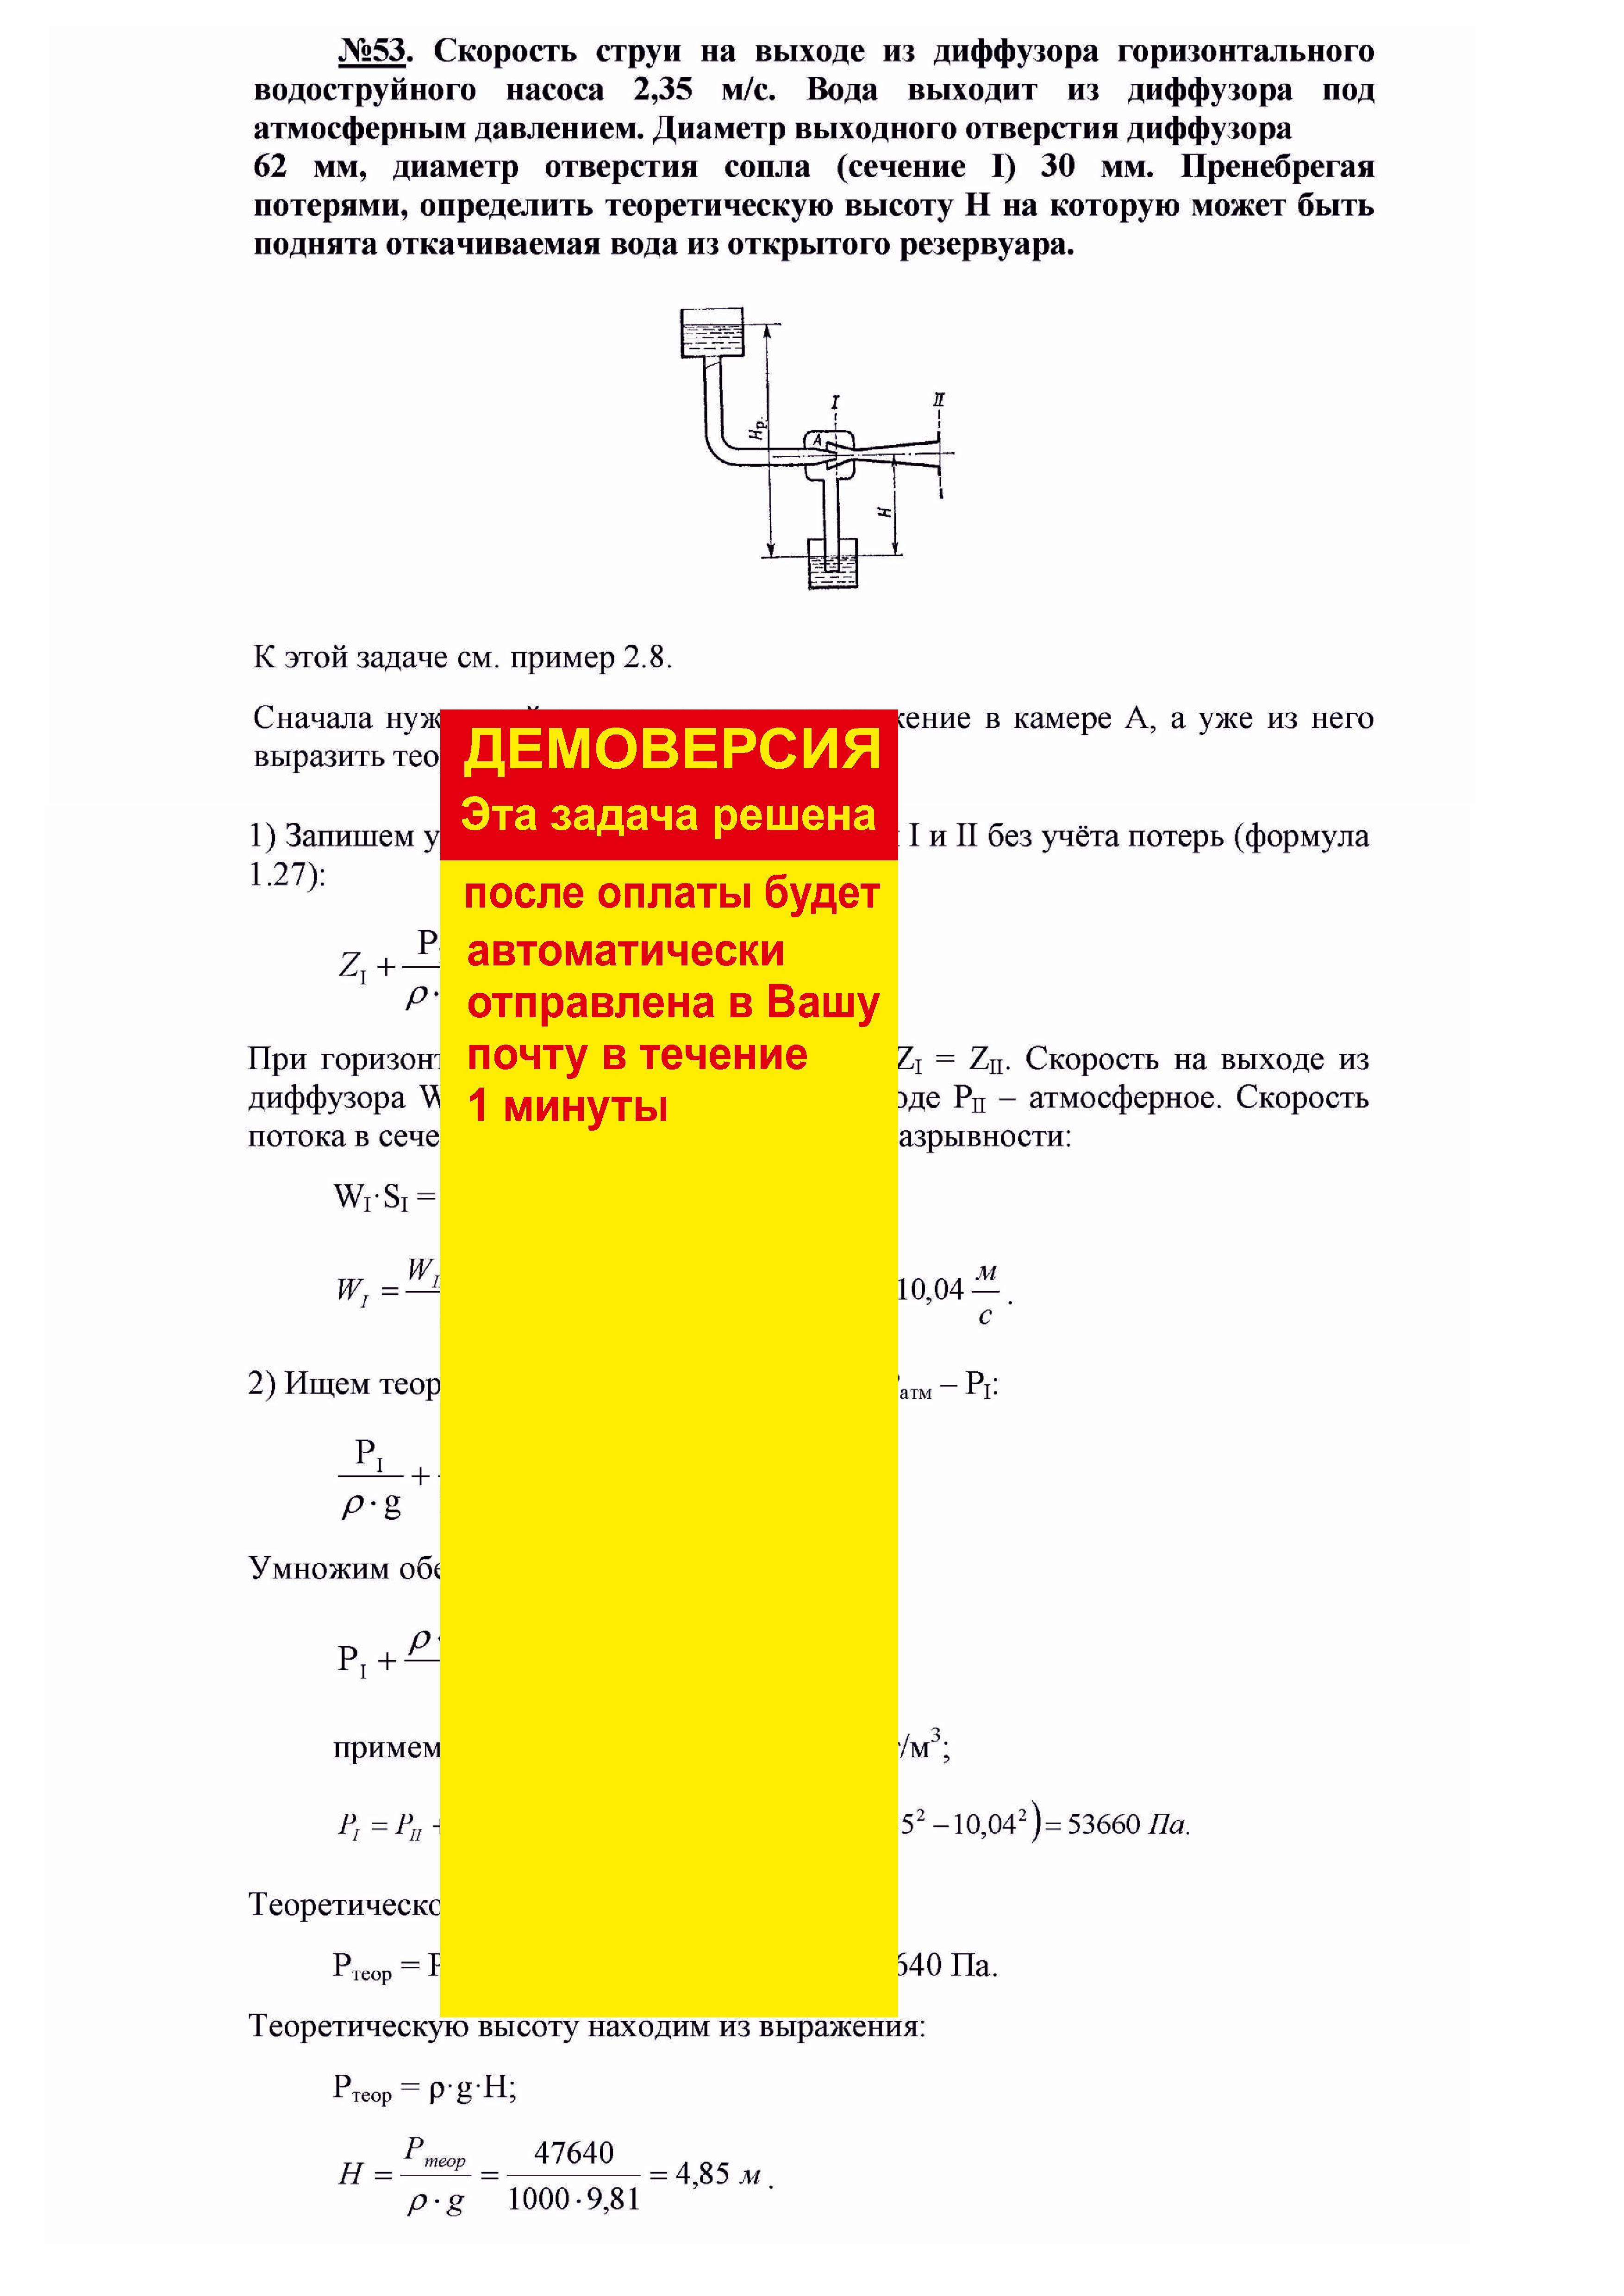 Решение задачи 1.53 по ПАХТ из задачника Павлова Романкова Носкова